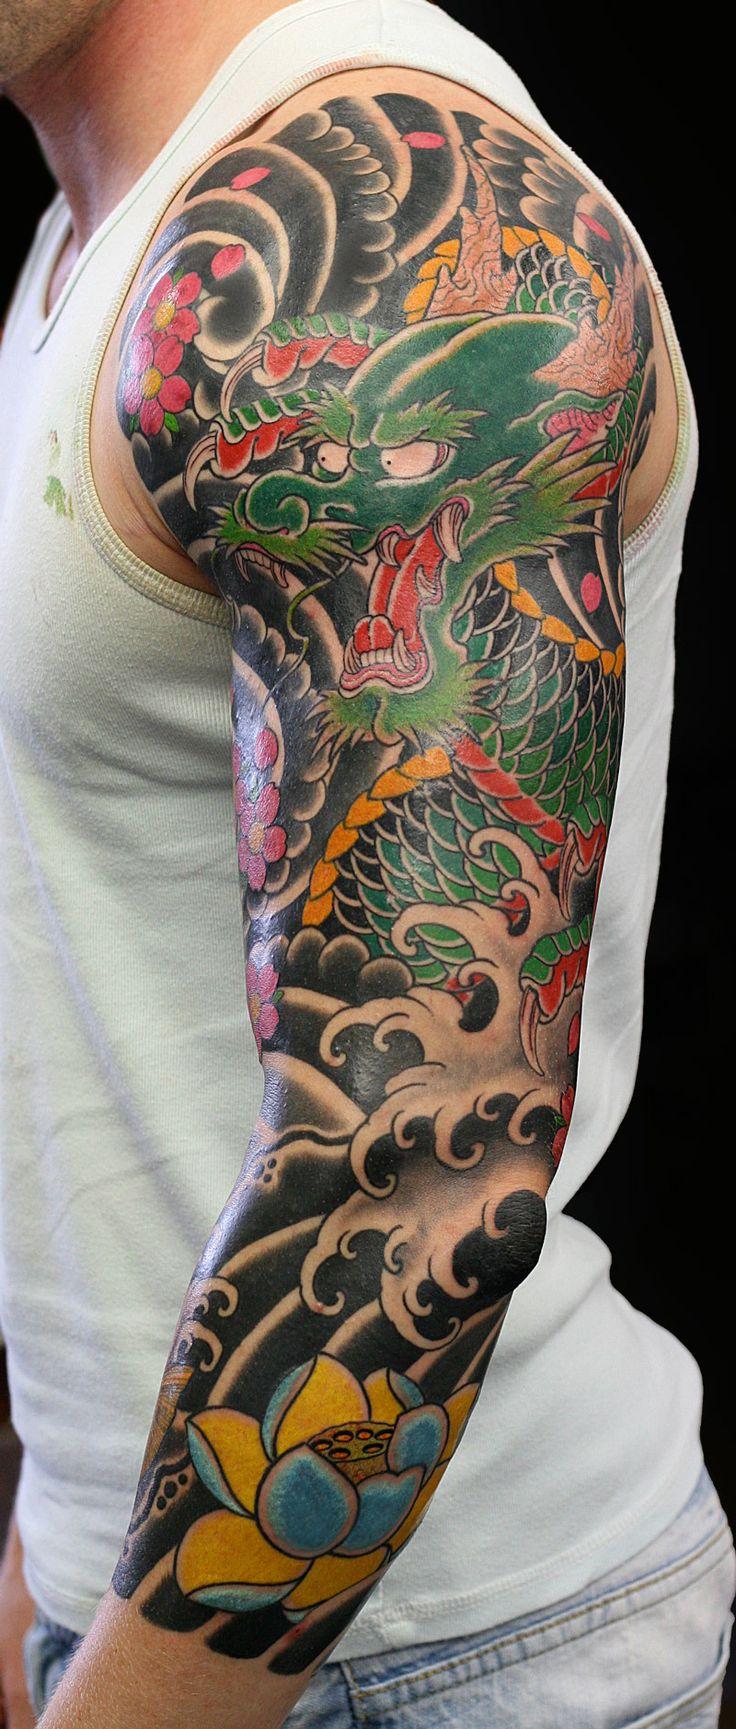 Note dragon warrior and floral design - dragon-tattoos-japanese-tattoos-rhys-gordon-sydney-tattoo-studios.jpg